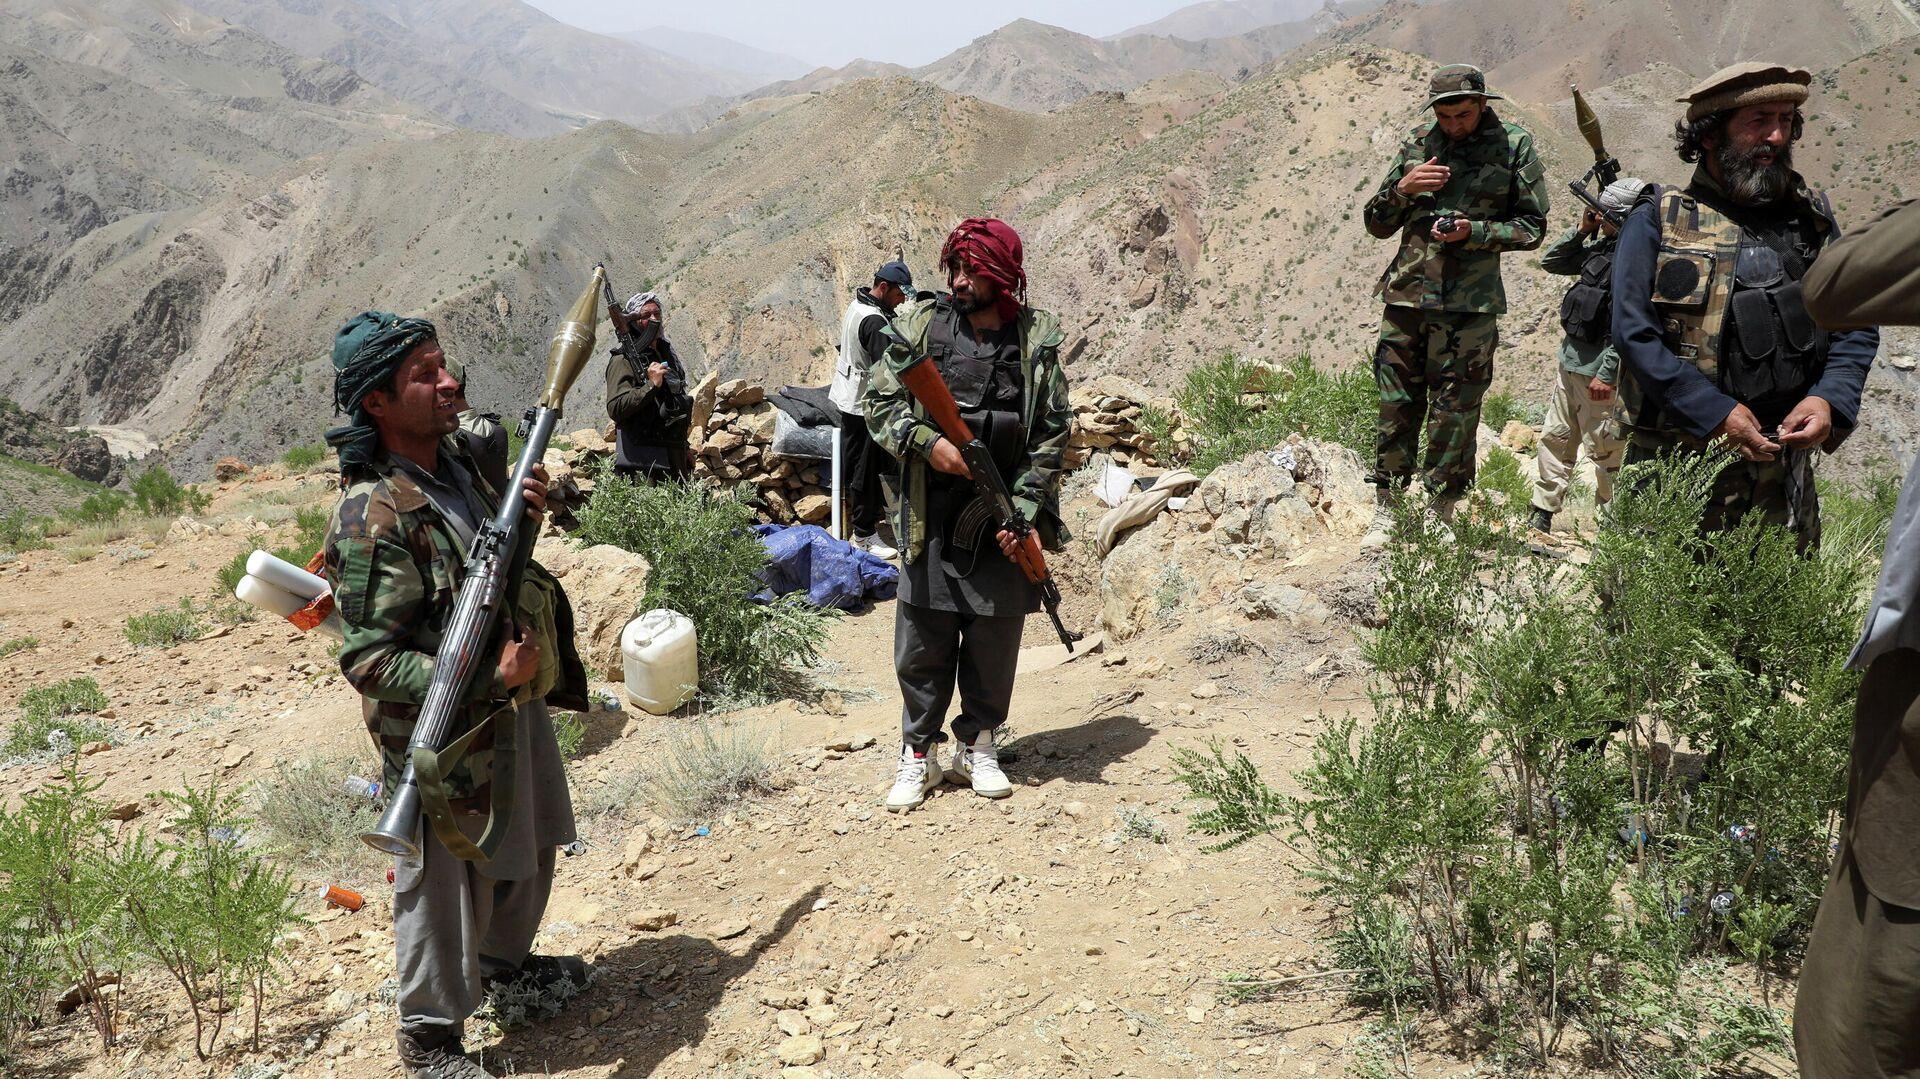 Вооруженные люди, выступающие против восстания талибов - Sputnik Таджикистан, 1920, 16.07.2021